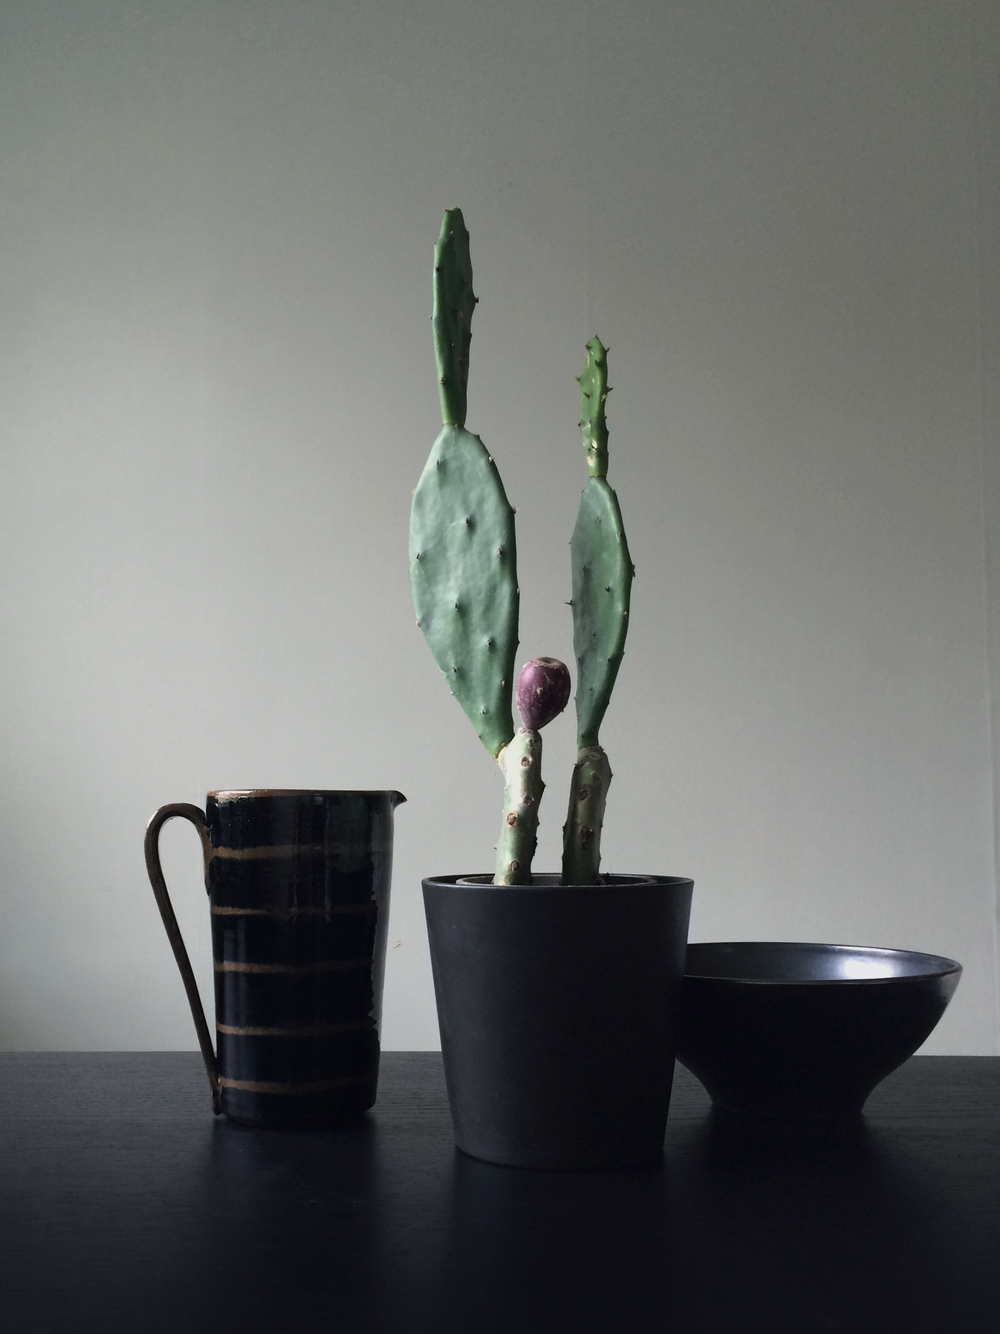 kaktus1.png